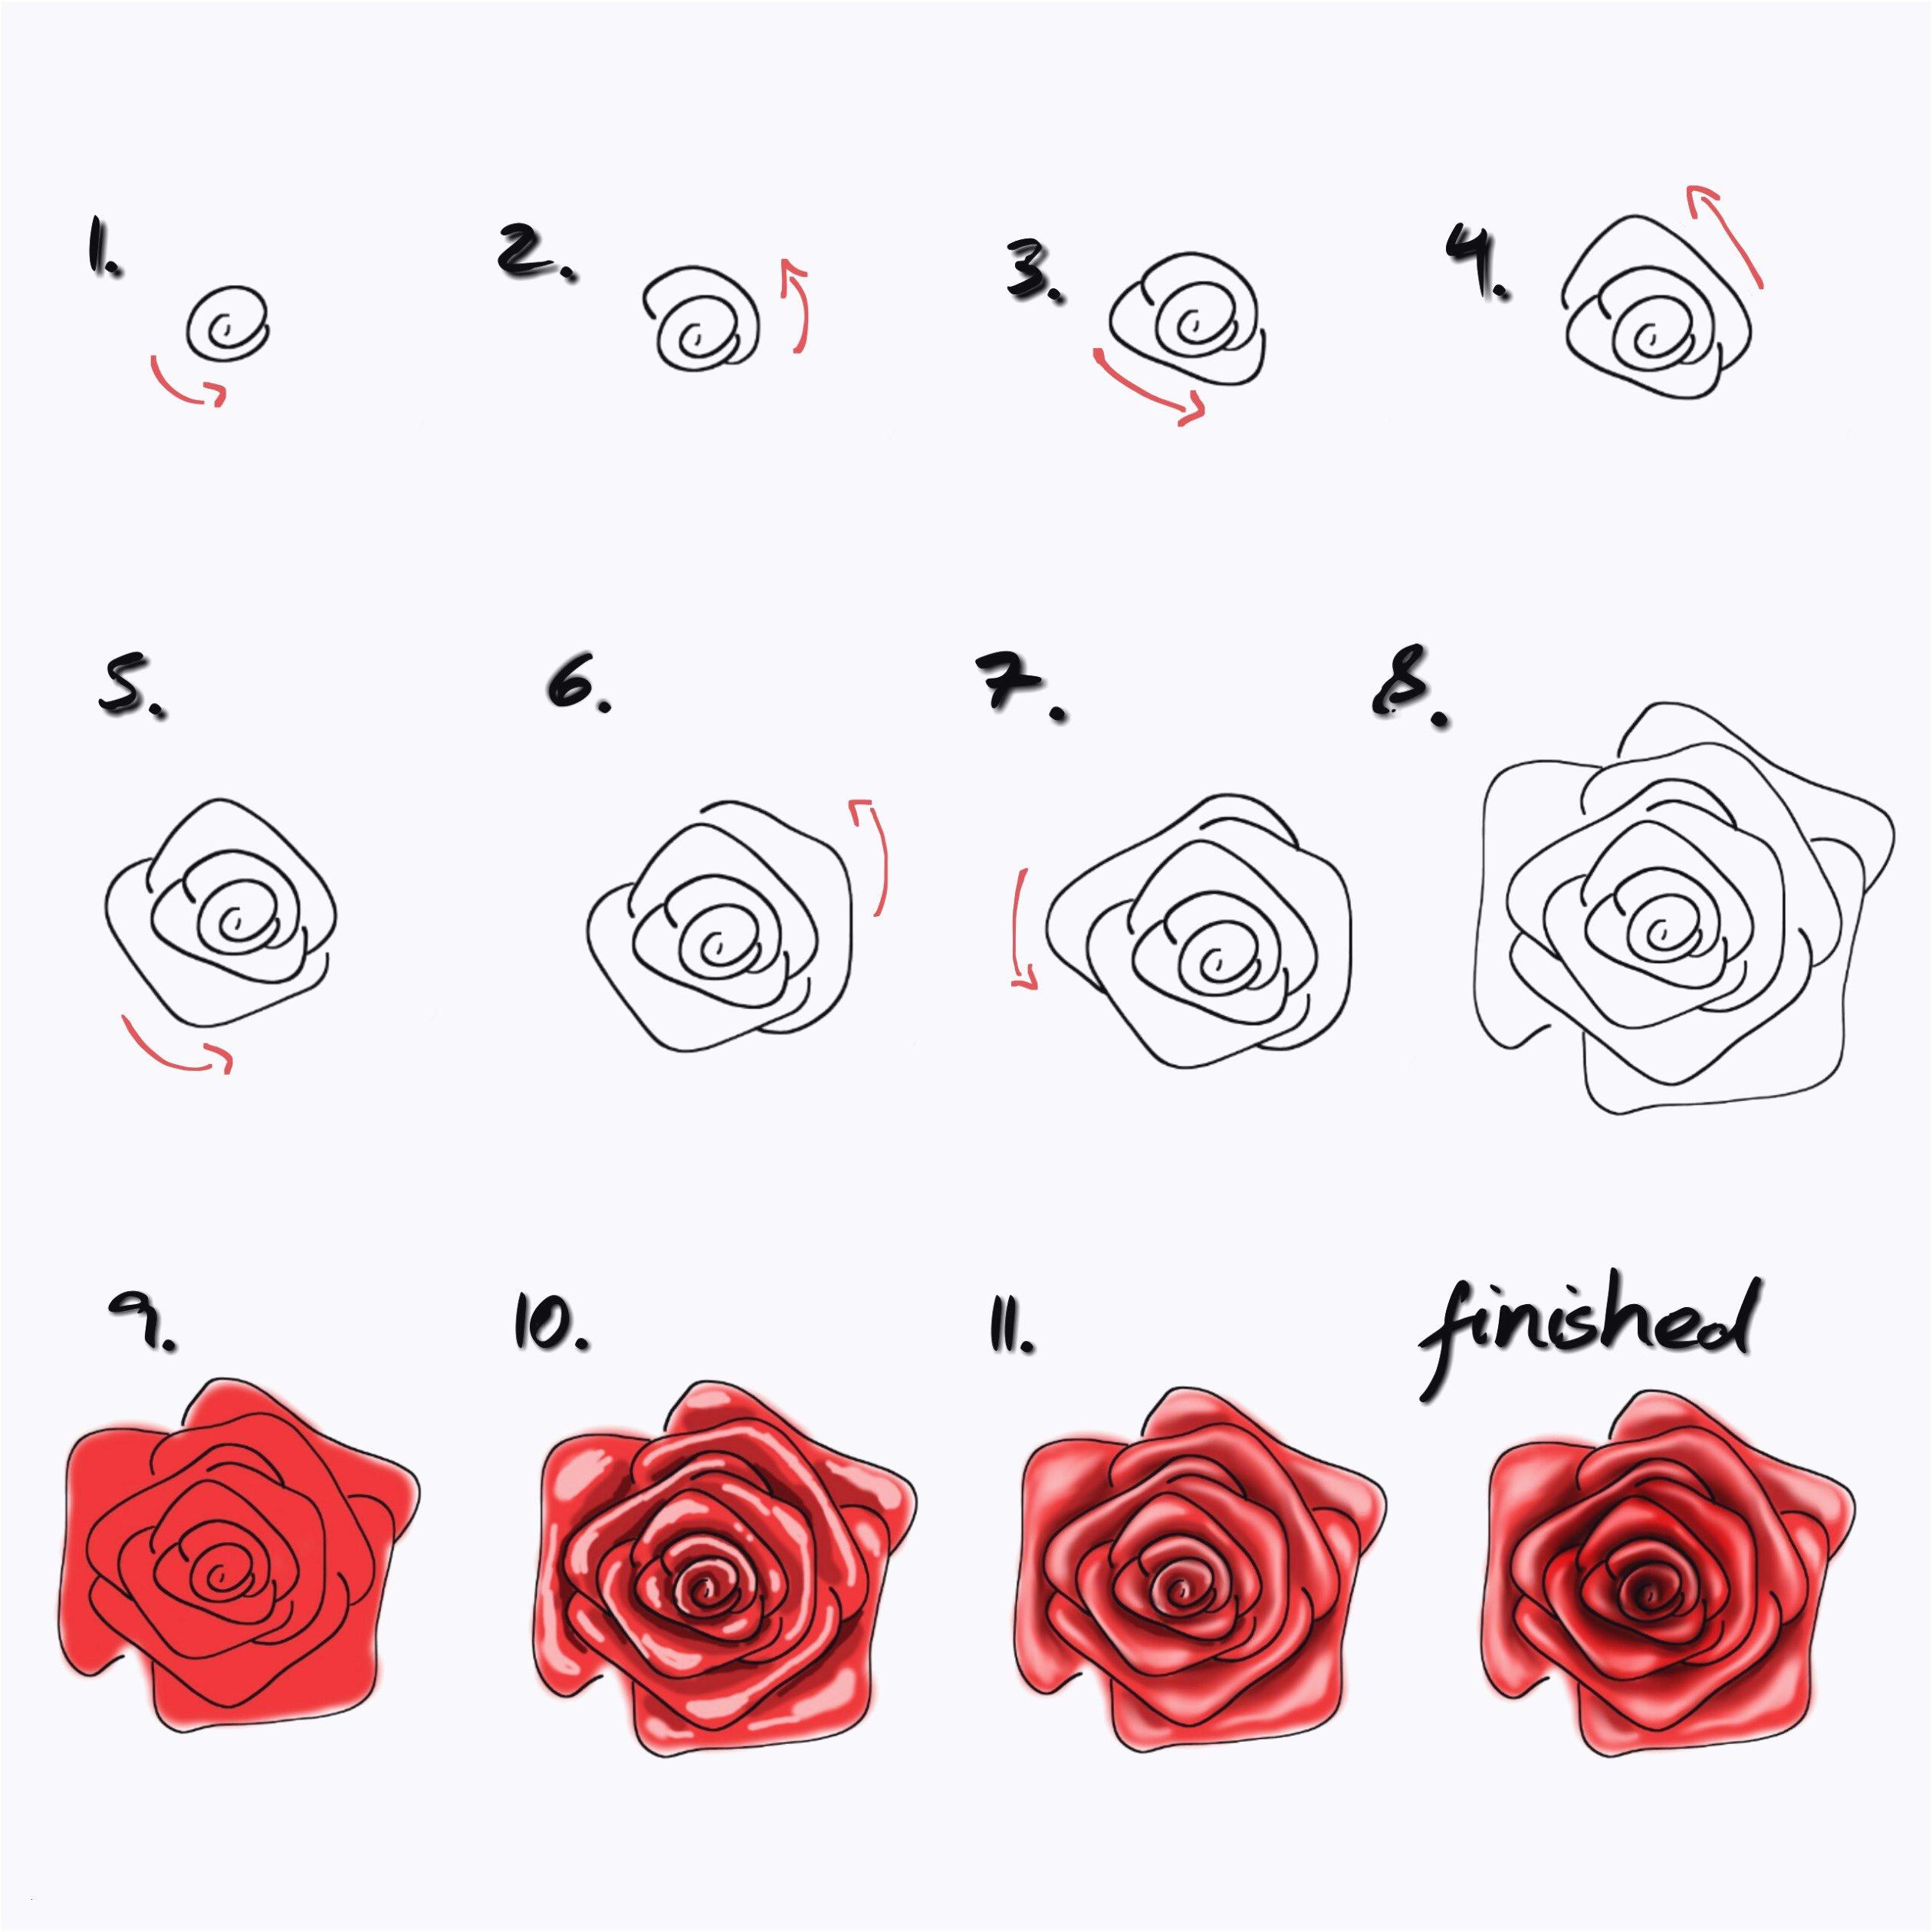 Herzen Zum Ausmalen Frisch Rosen Mit Herzen Ausmalbilder Schön Neues Rosen Malen Vorlagen Bild